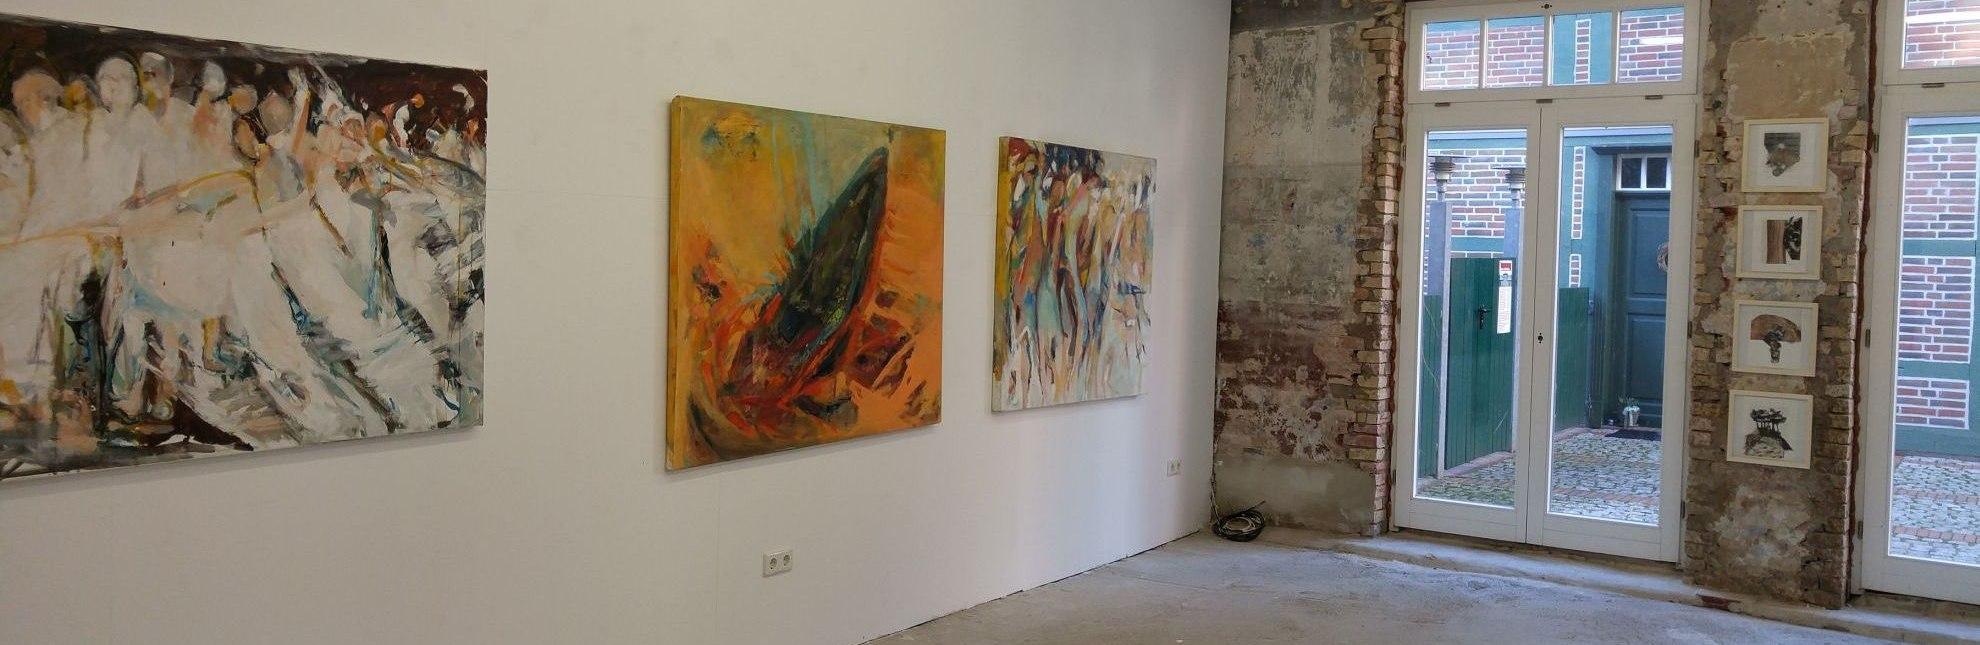 Ausstellung in der Stadtgalerie Lauenburg, © Eva Ammermann